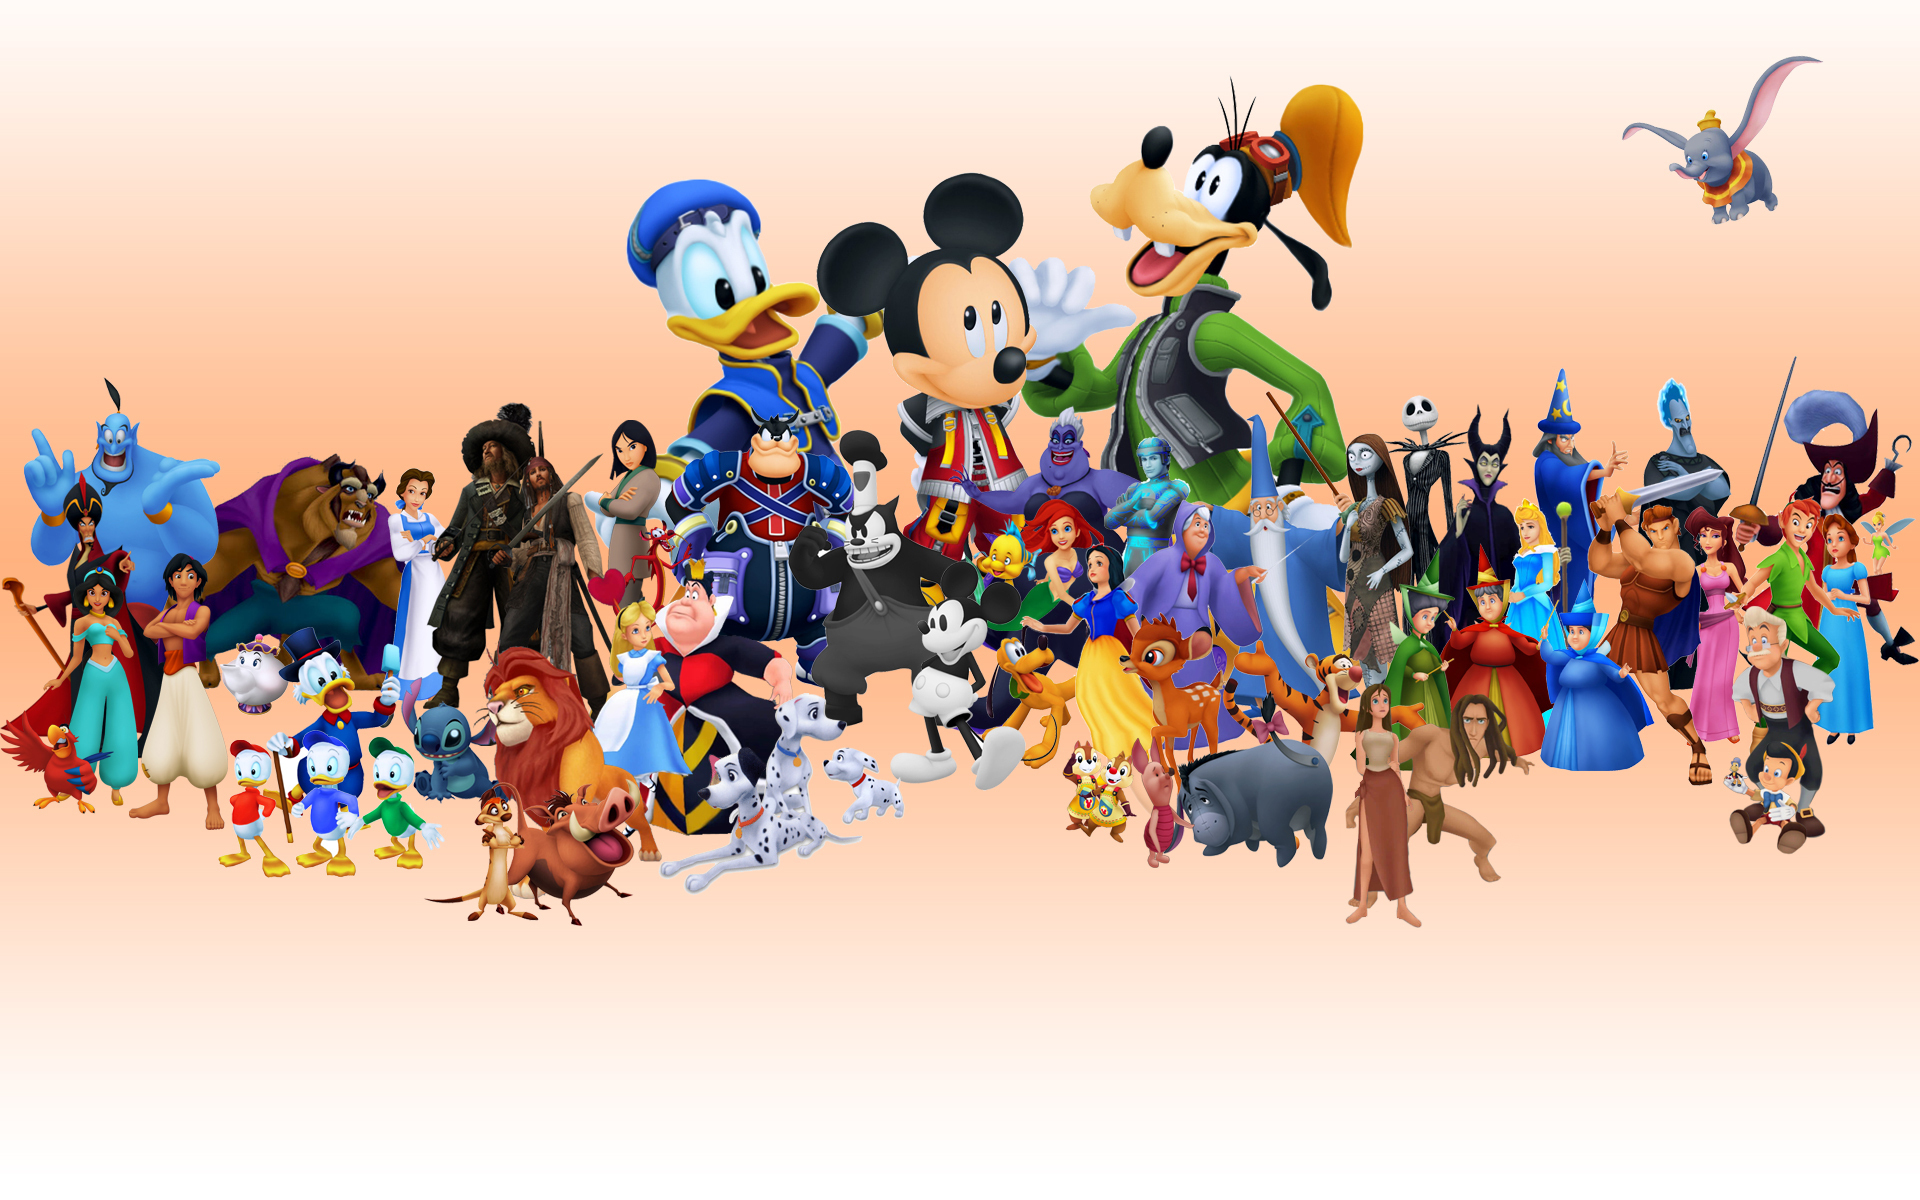 Download Disney Desktop Backgrounds Wallpaper pictures in high 1920x1200